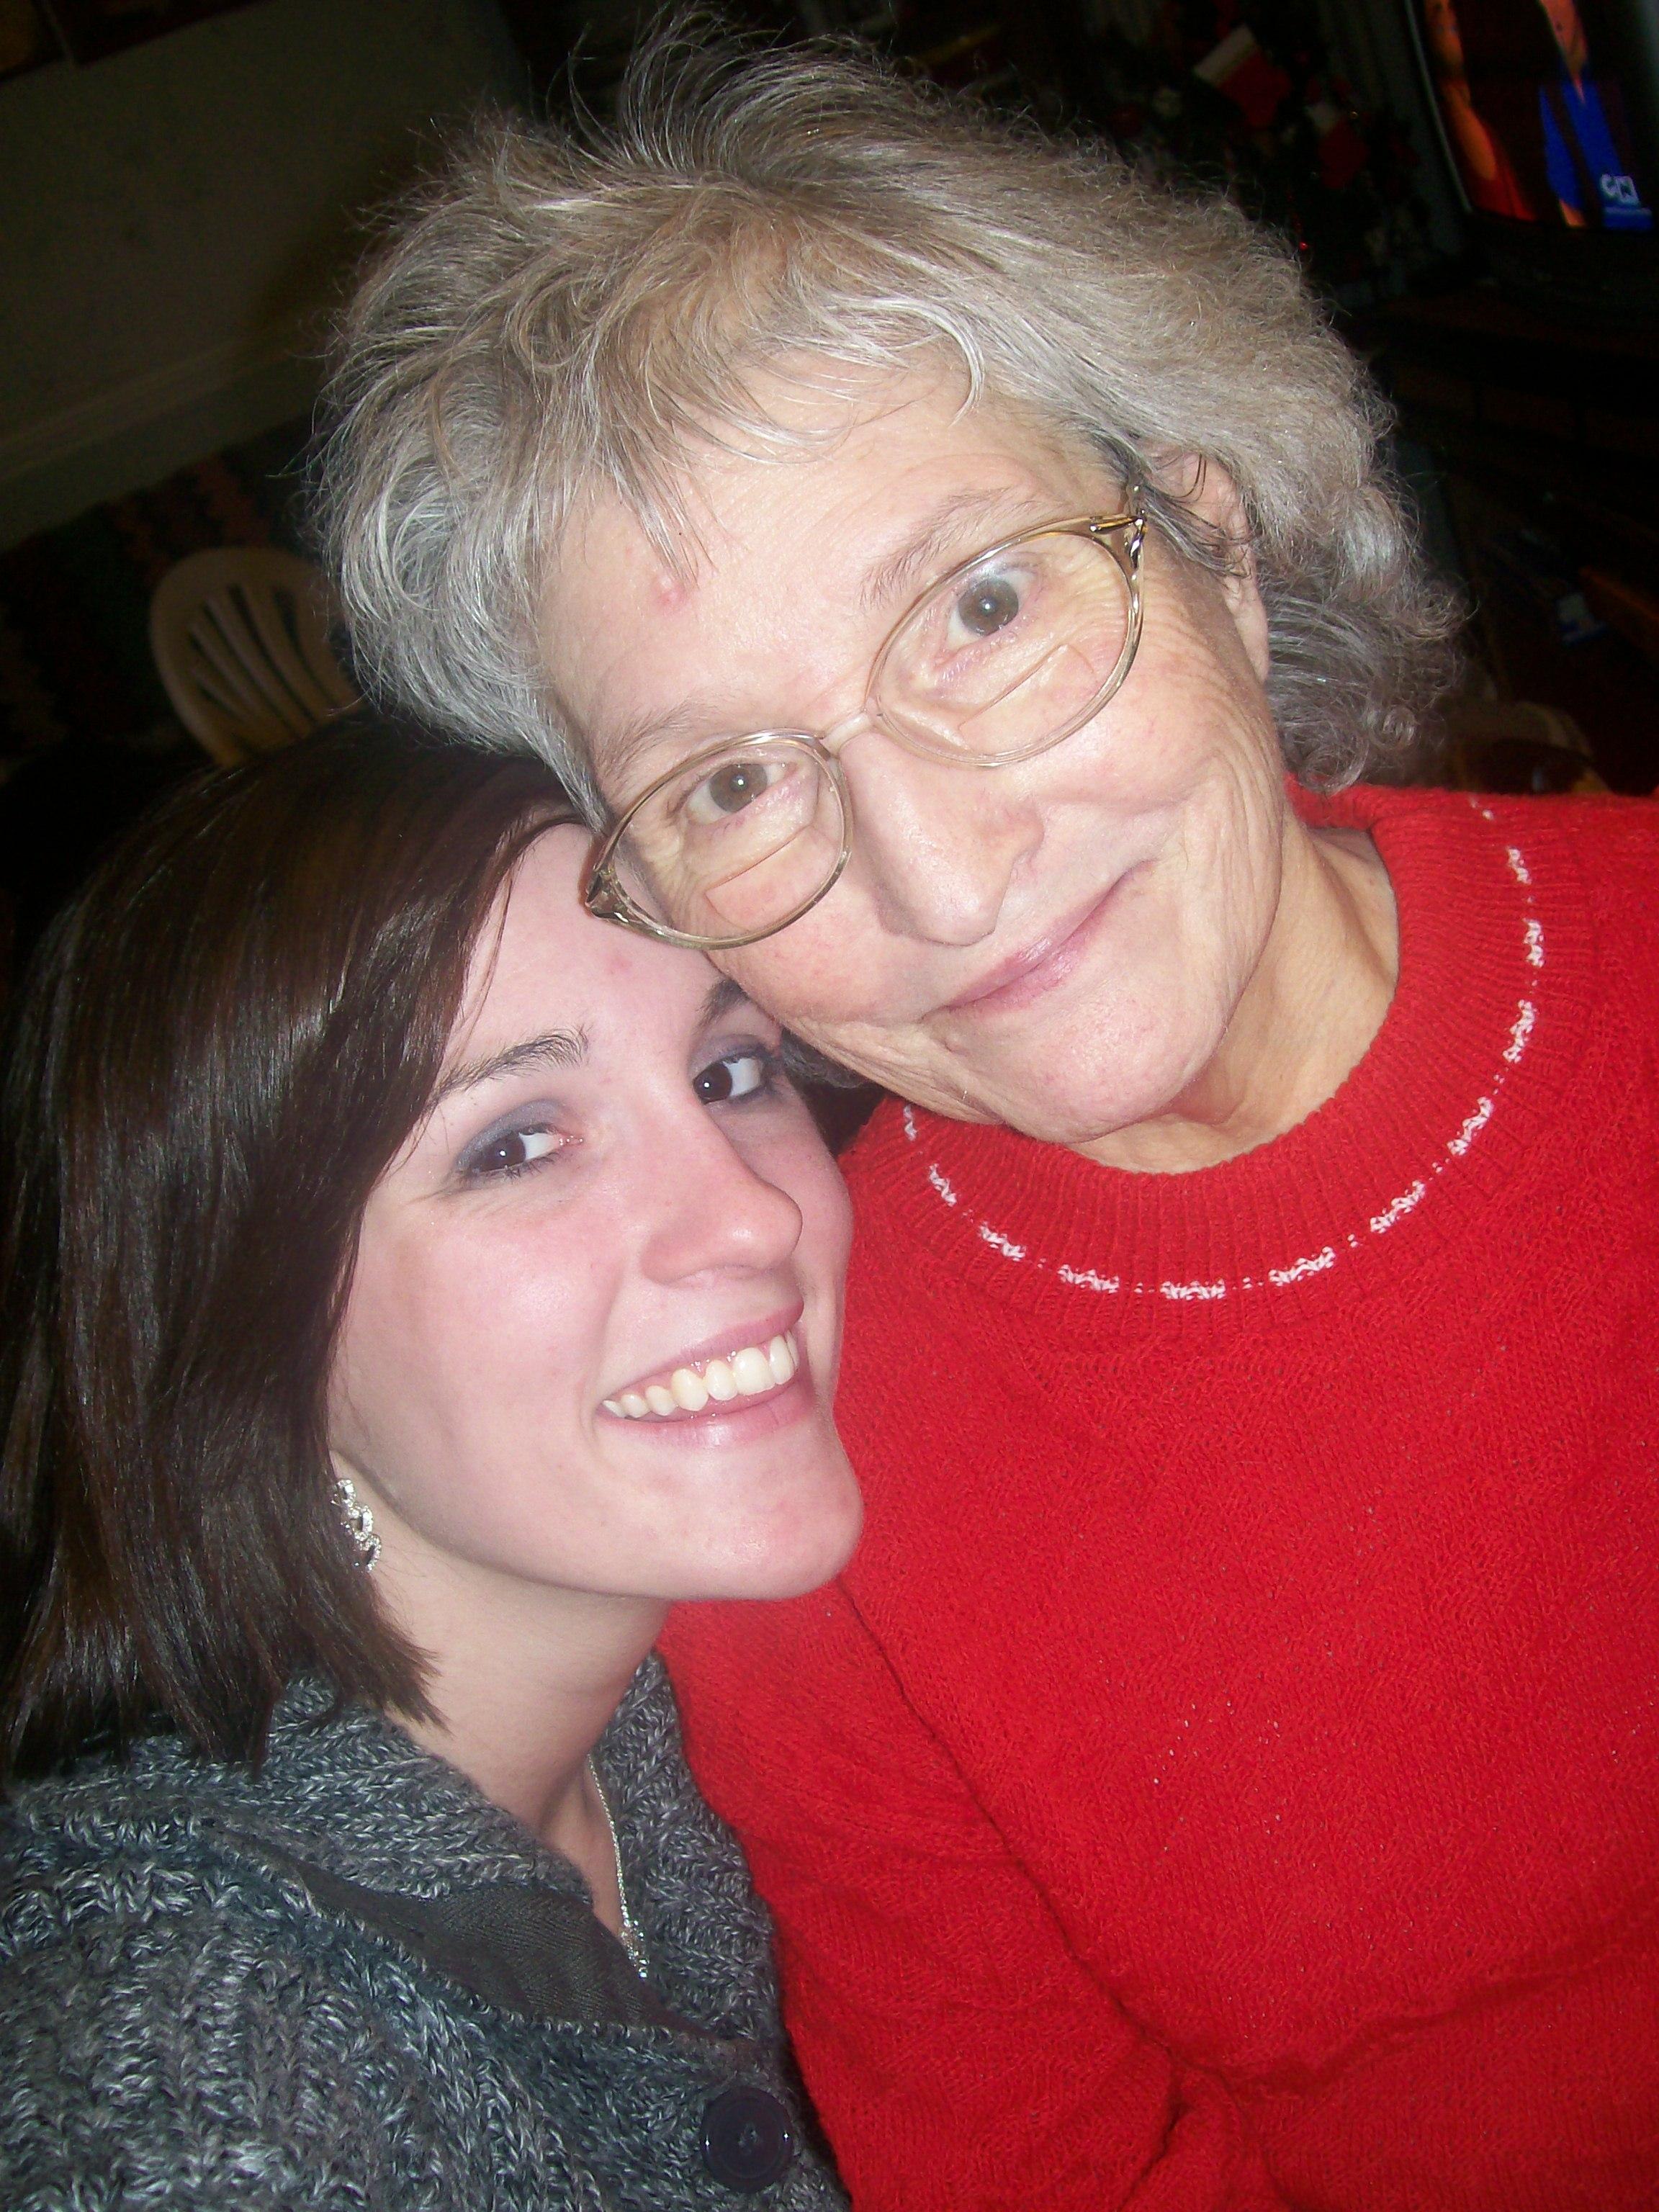 Grandma 2007 Christmas